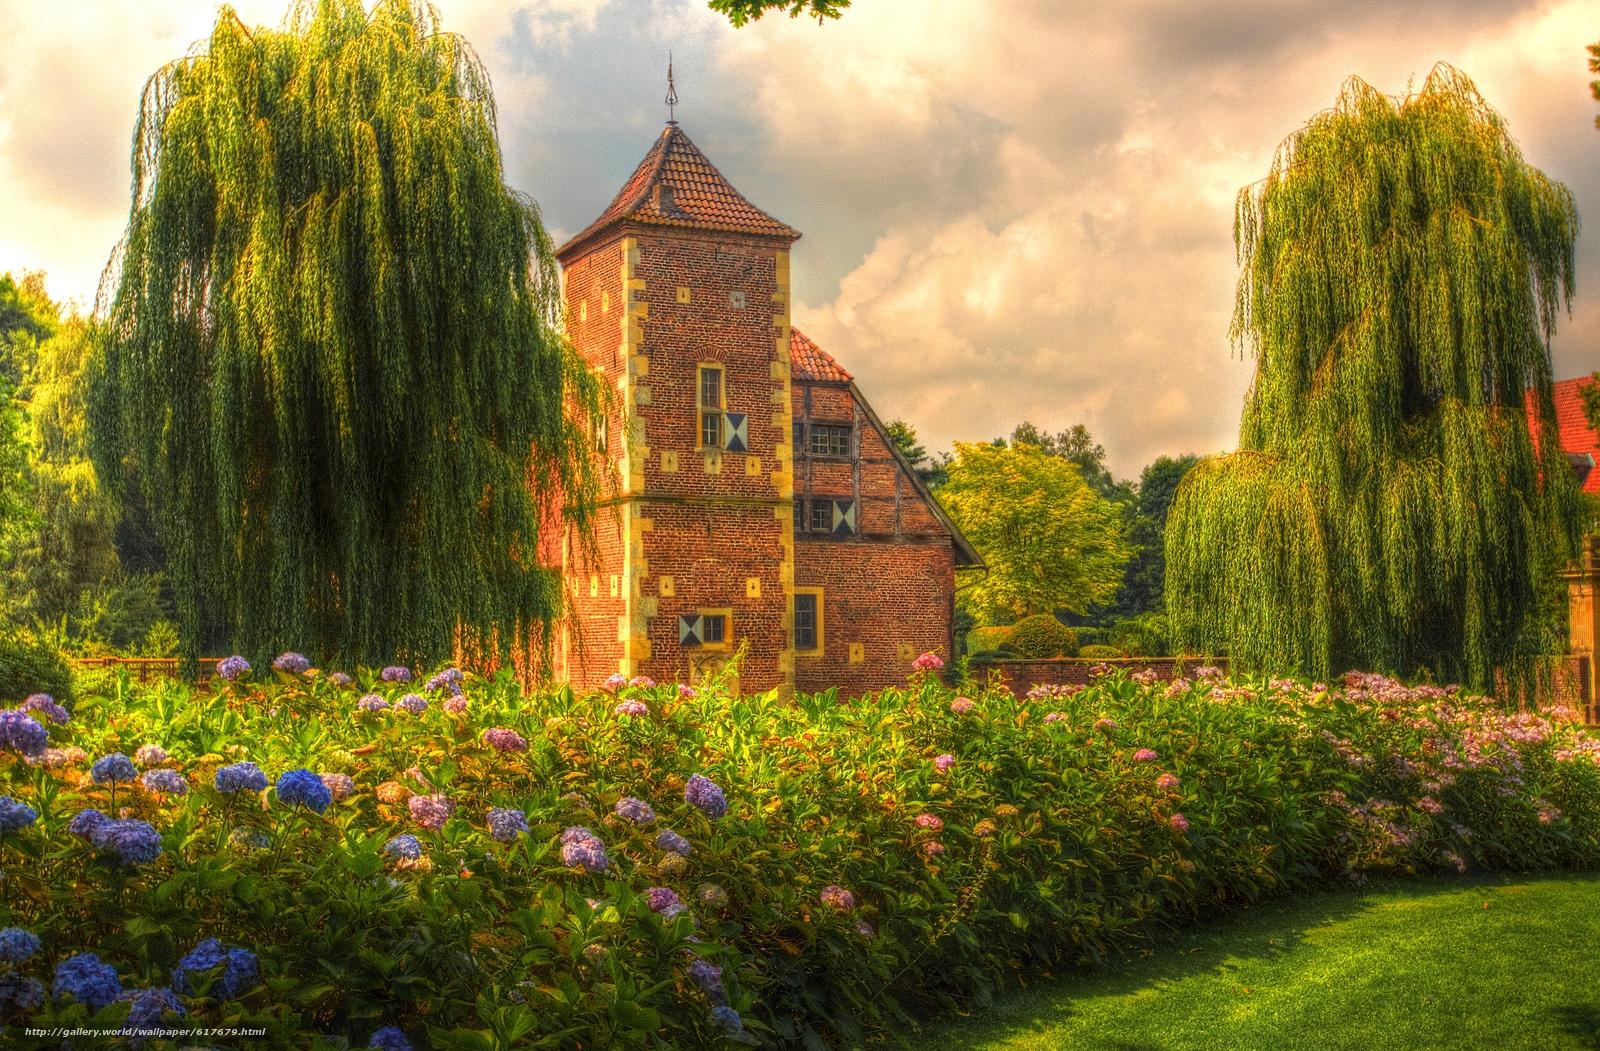 下载壁纸 家,  城堡,  树,  花卉 免费为您的桌面分辨率的壁纸 4705x3092 — 图片 №617679